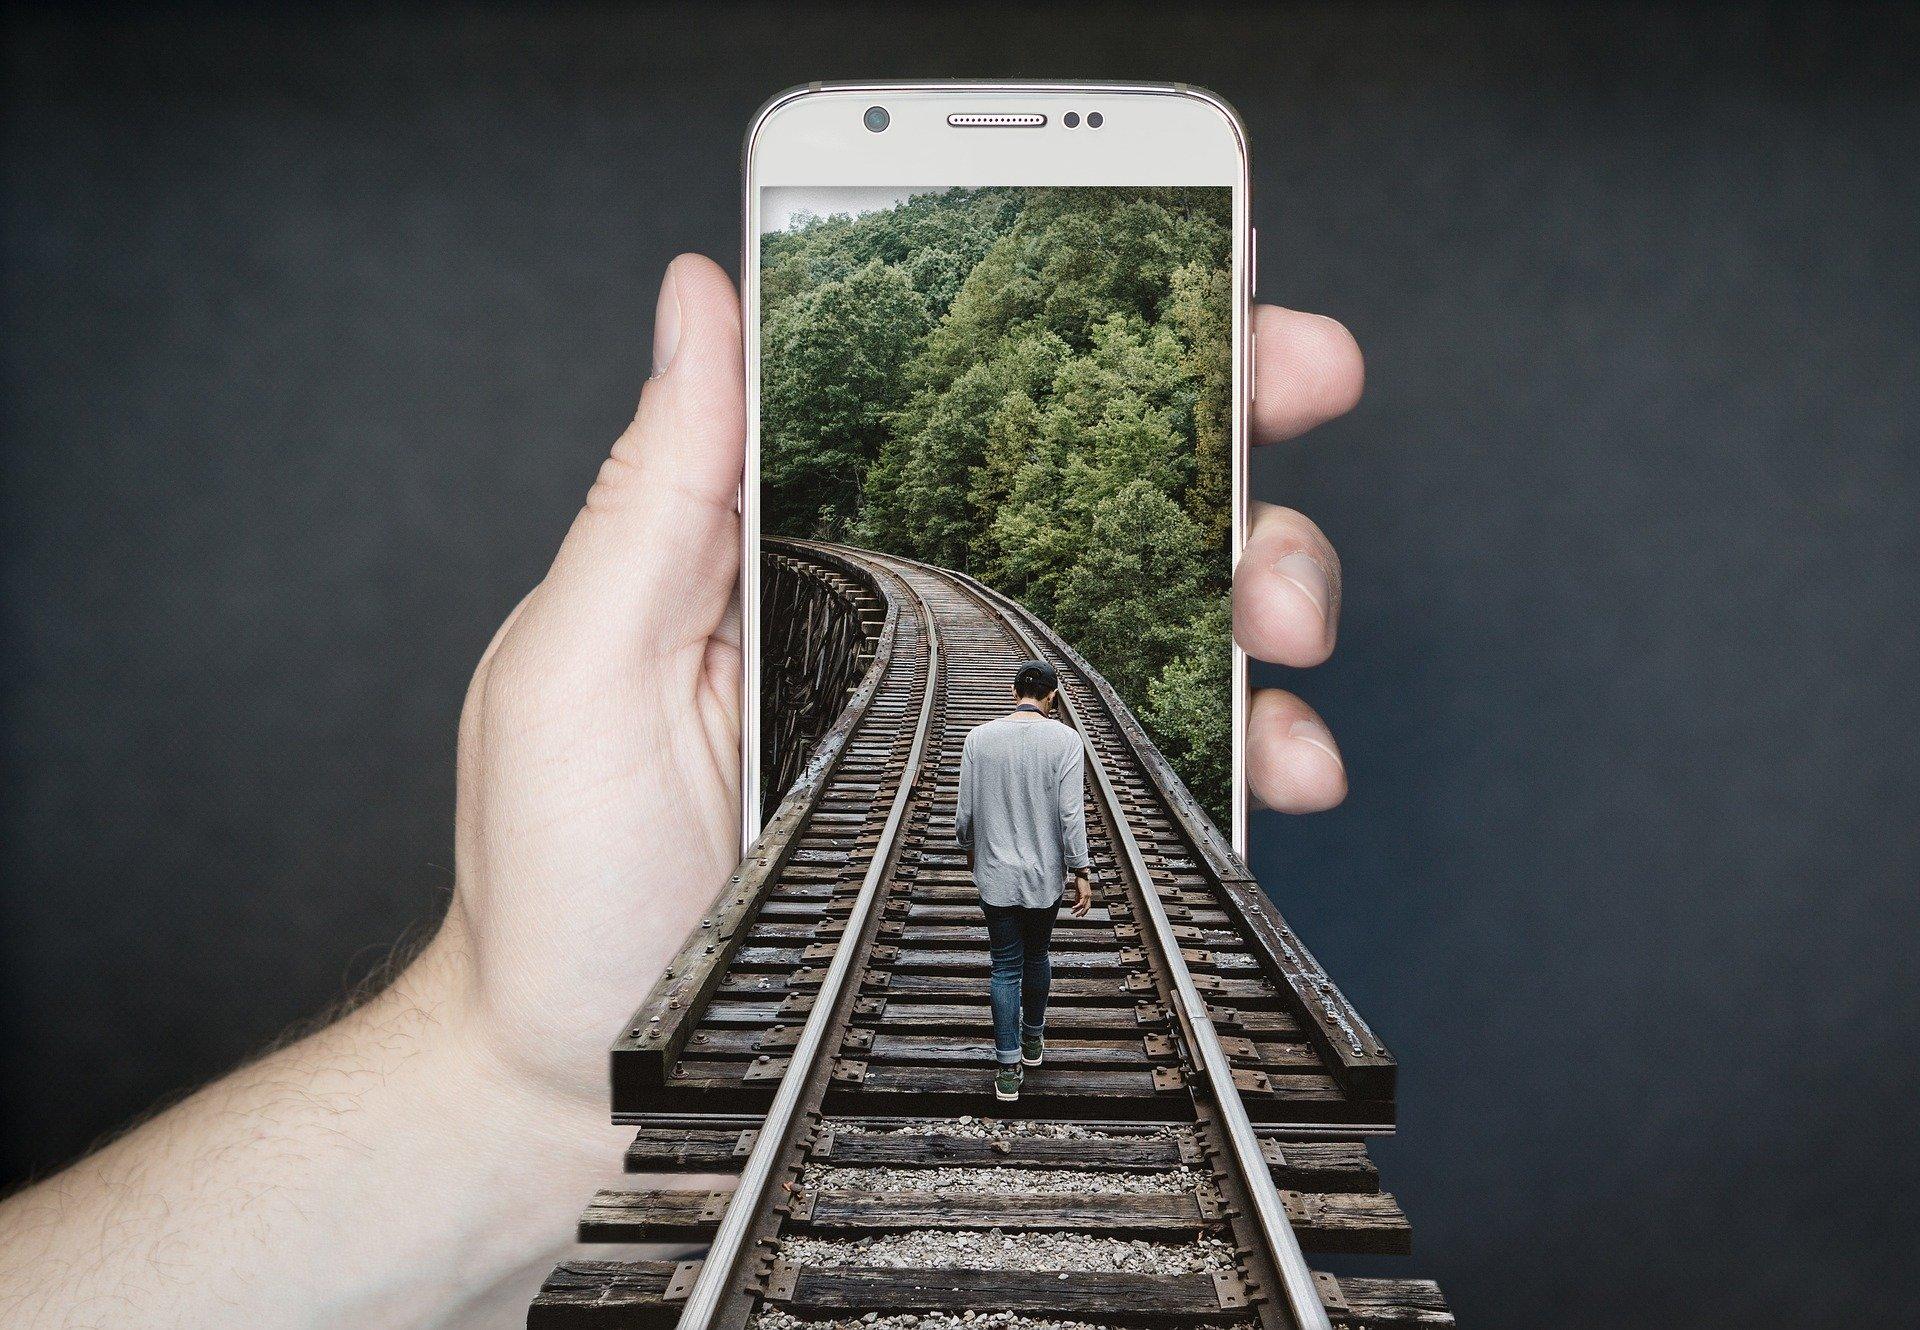 Como usar a tecnologia em prol da humanidade?